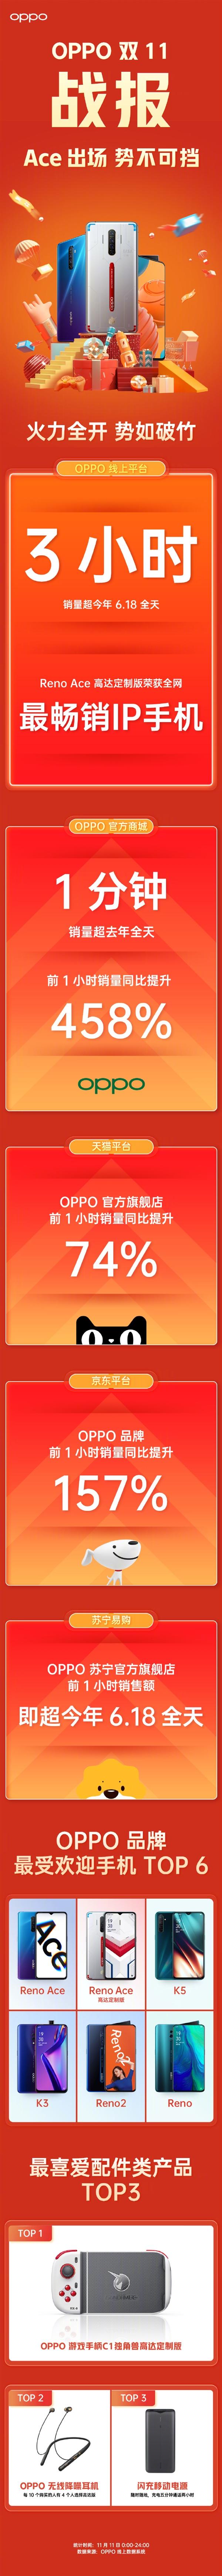 OPPO双11战报:官方商城1分钟销量超去年全天